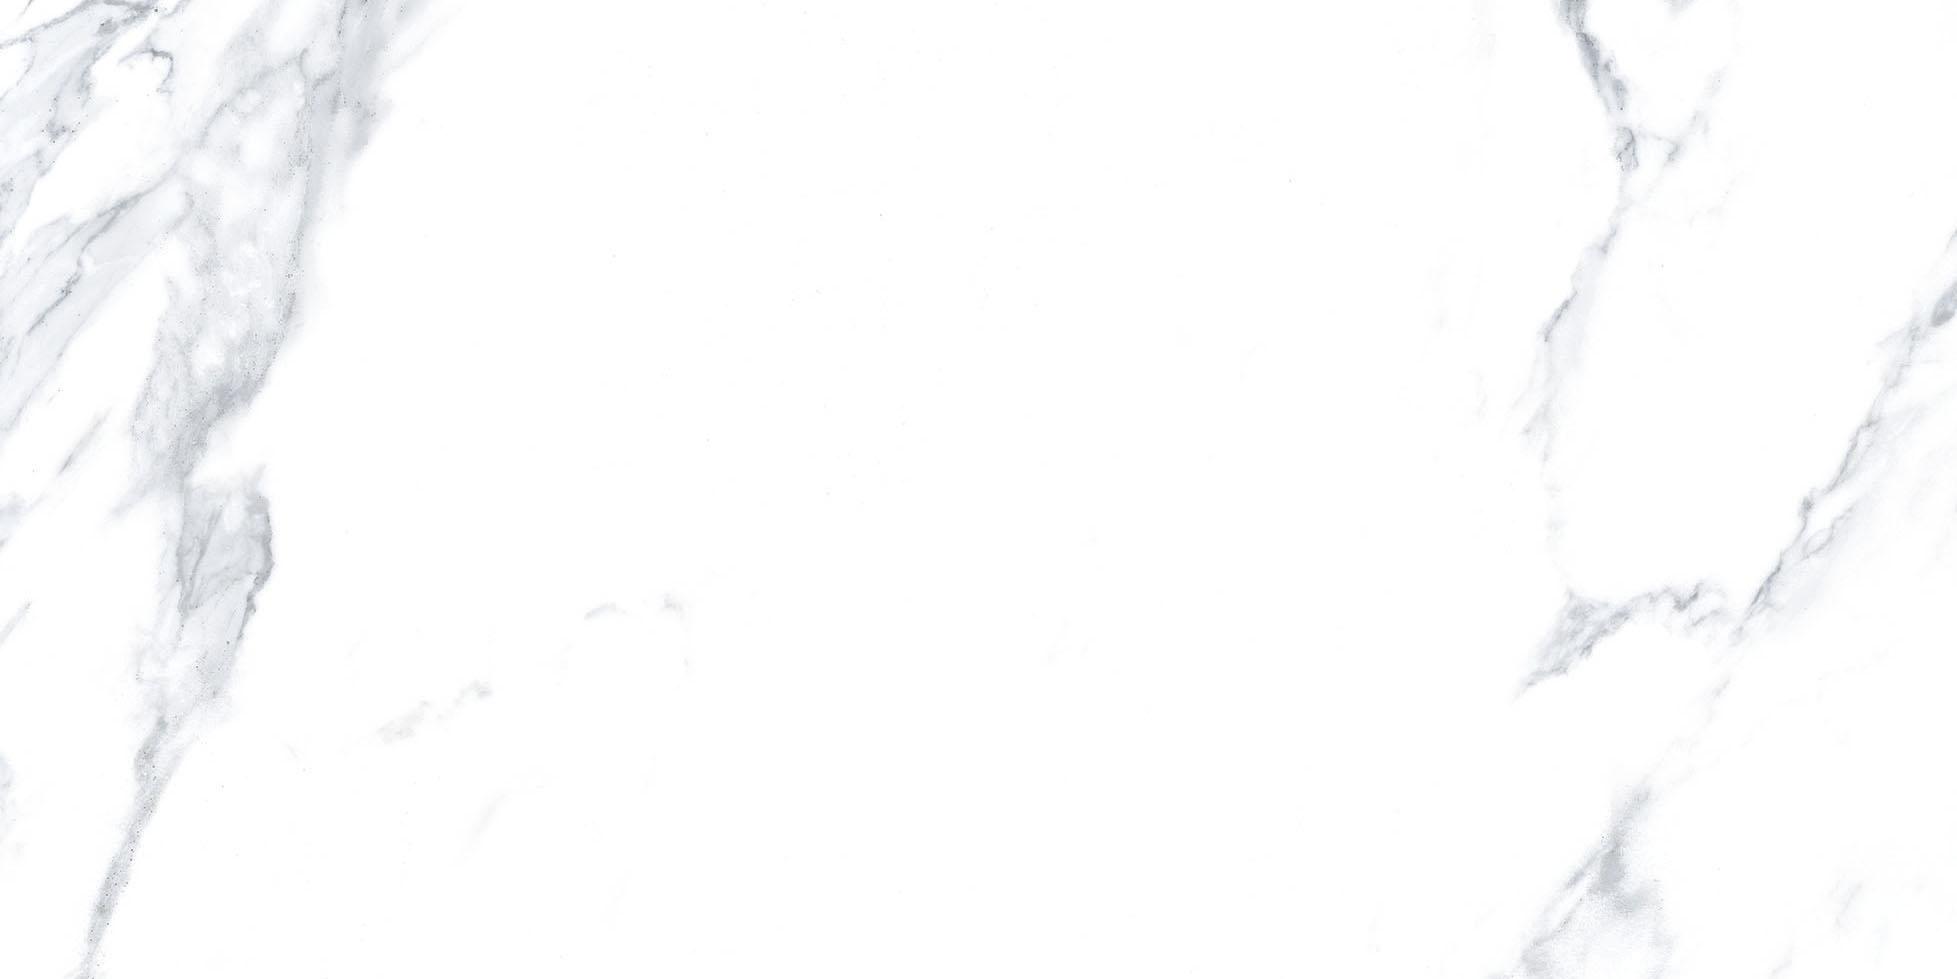 0097480, Archimarble, Valkoinen, lattia,pakkasenkesto